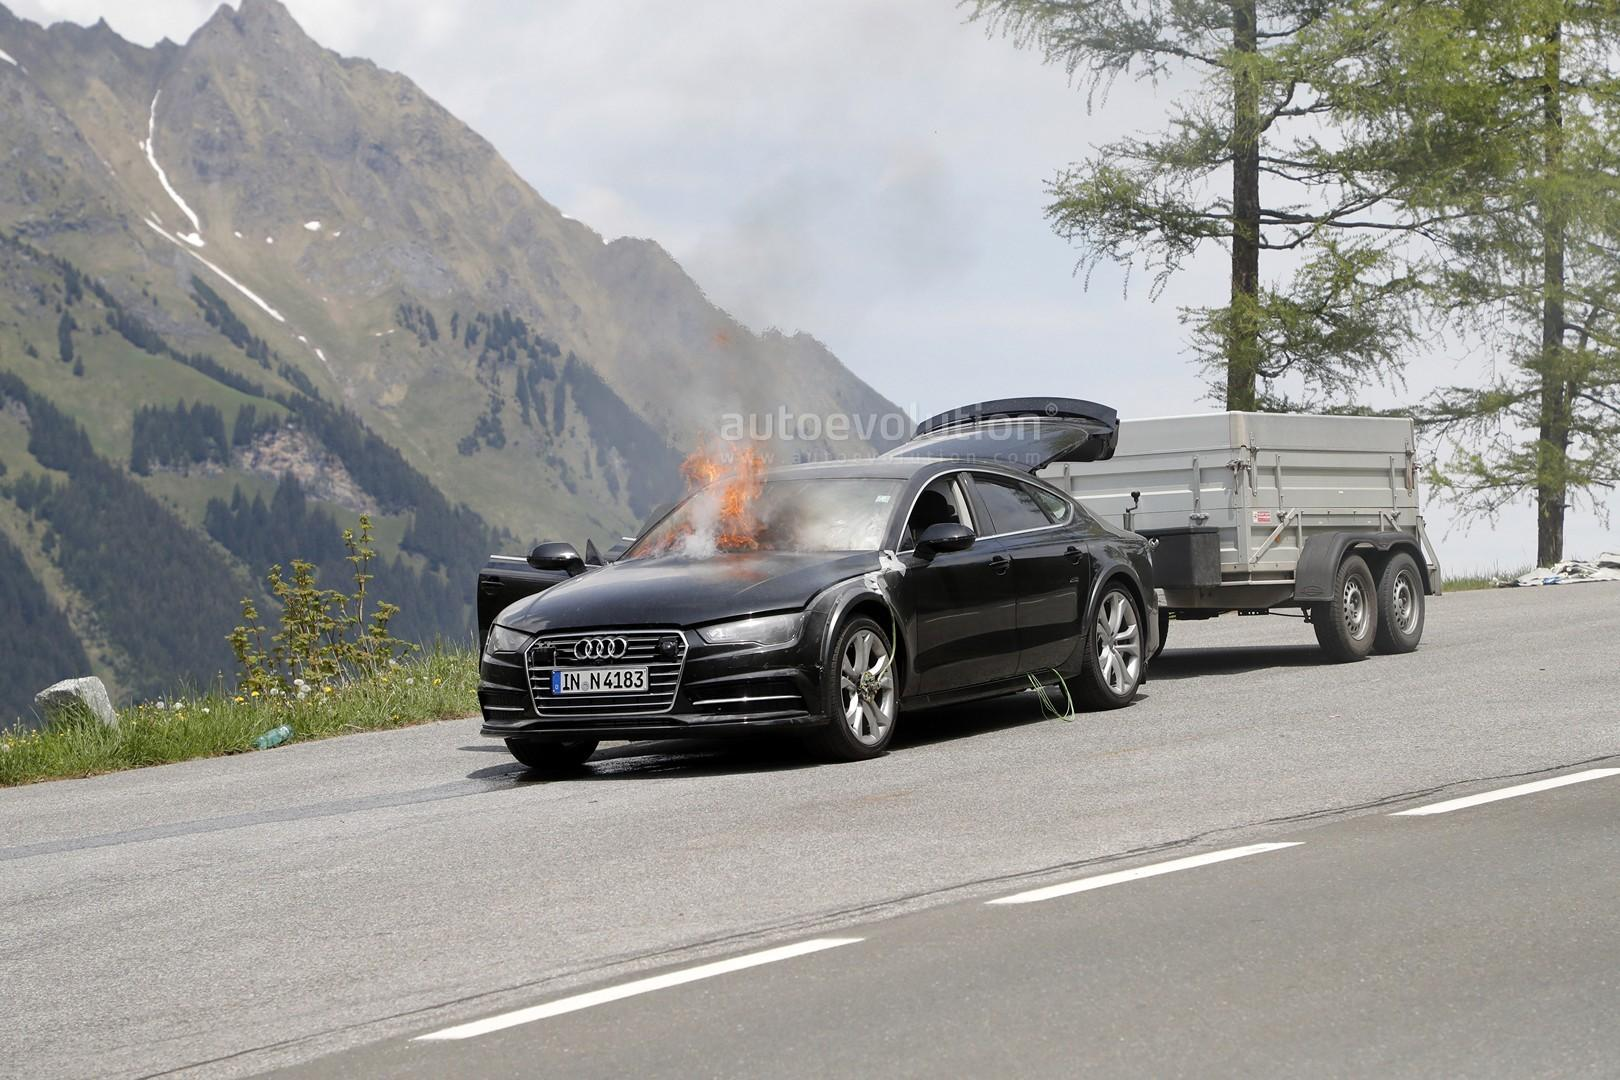 Noul Audi A7 a luat foc in teste - Noul Audi A7 a luat foc in teste